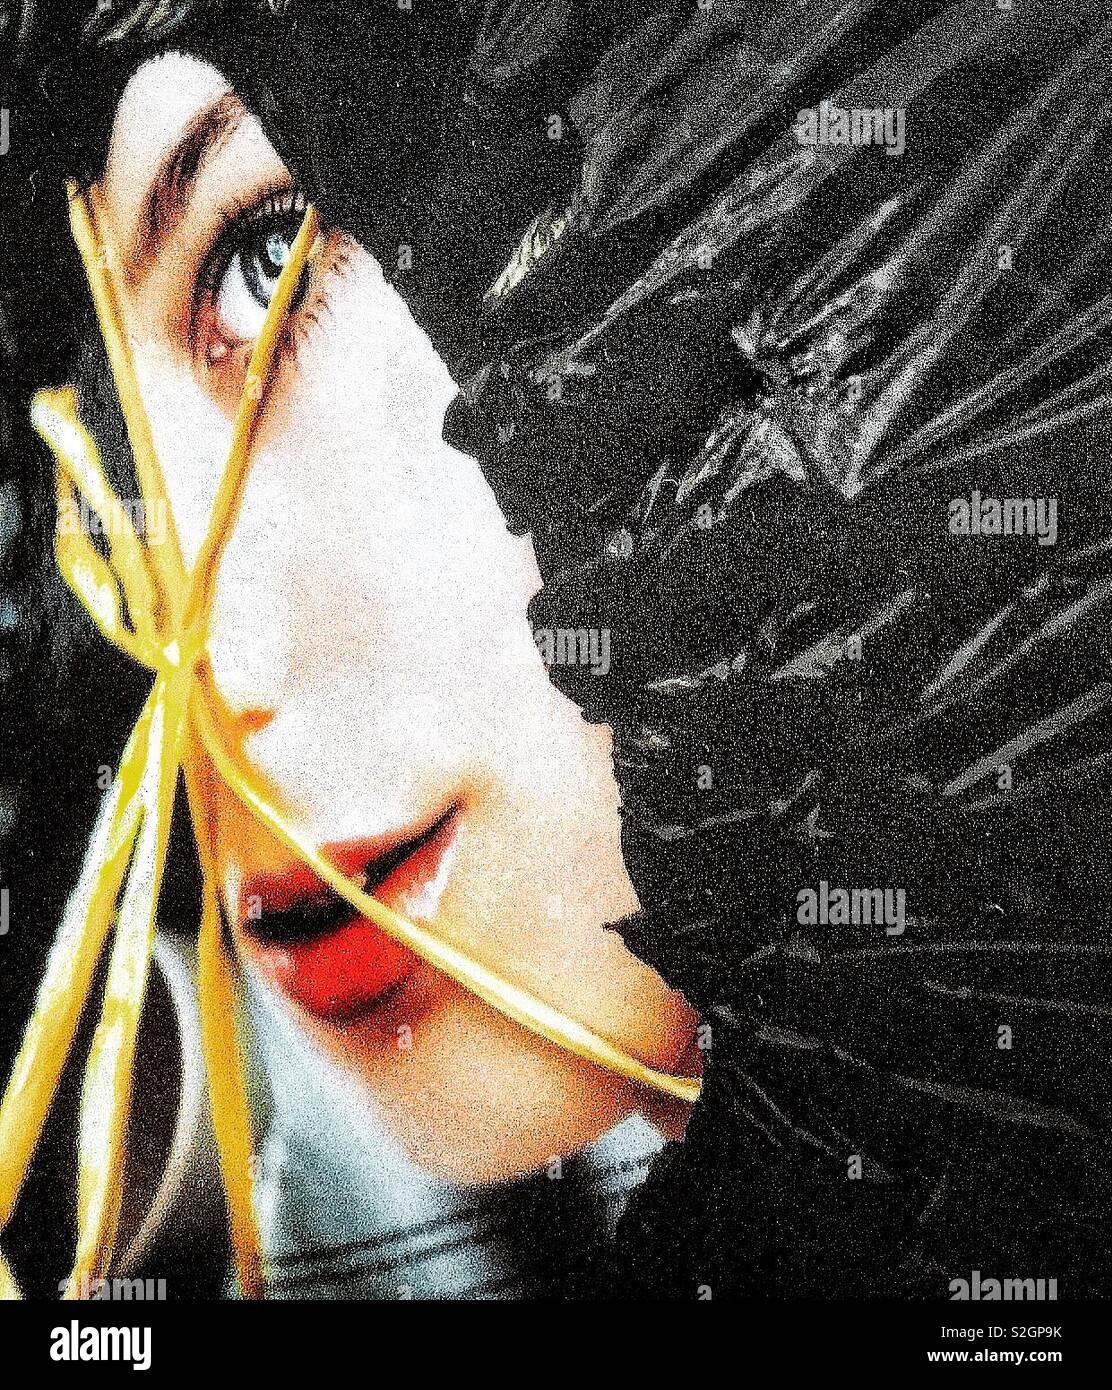 Image visage Magazine pairs venant d'un sac de déchets. Banque D'Images